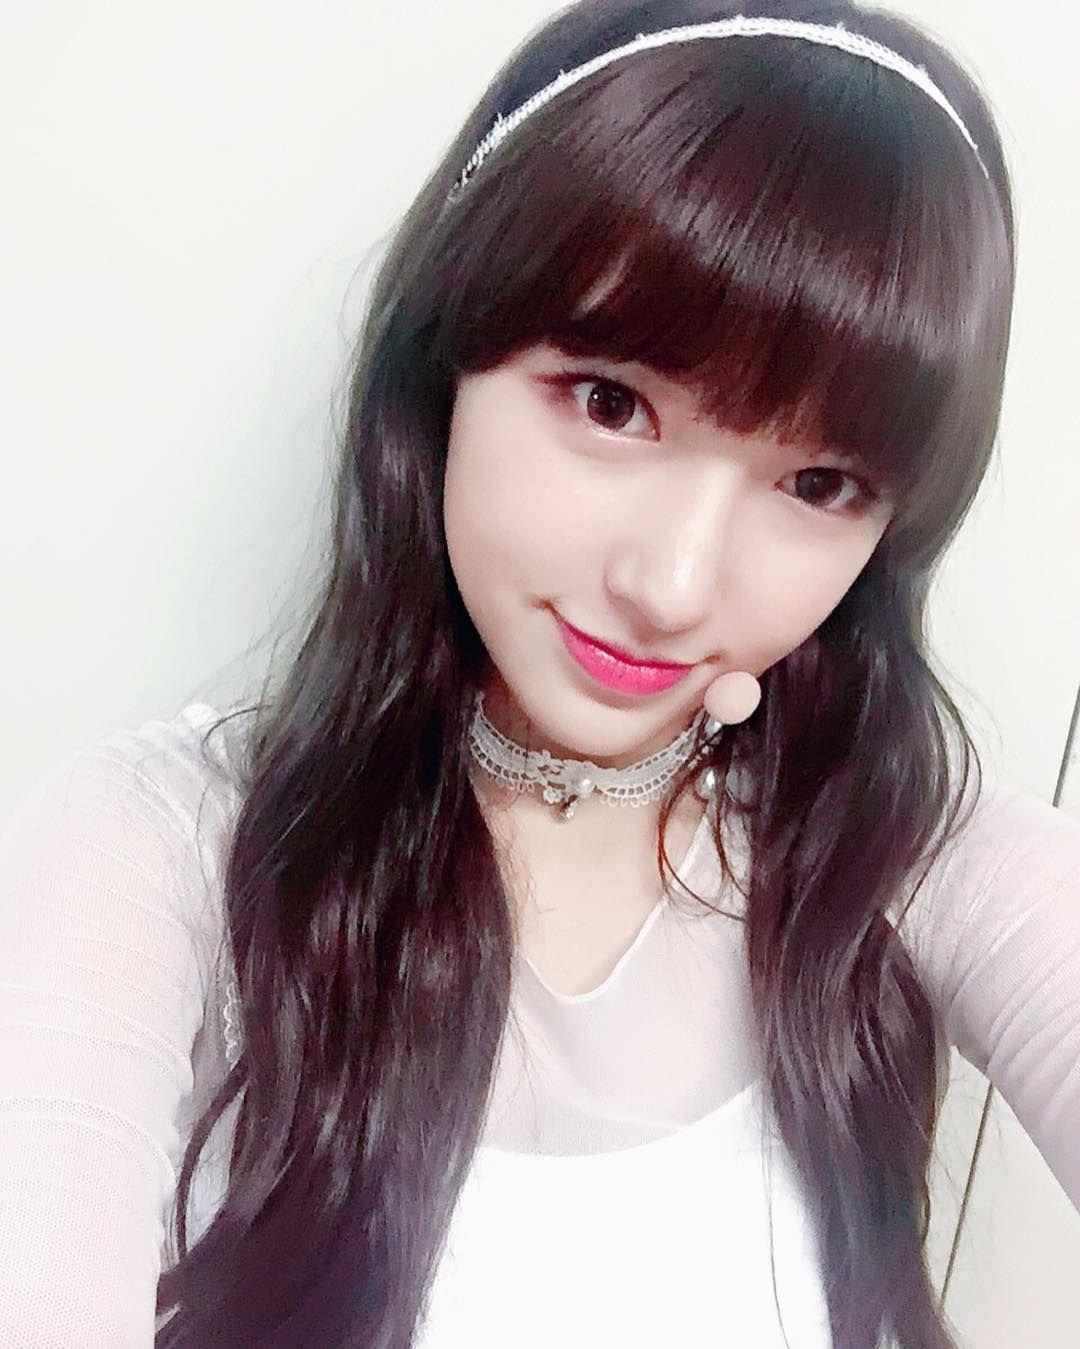 오늘도 컴백무대 잘 끝났어요~~~!! 어땠어요?😀 #우주스타그램 #우주소녀 #성소 #비밀이야